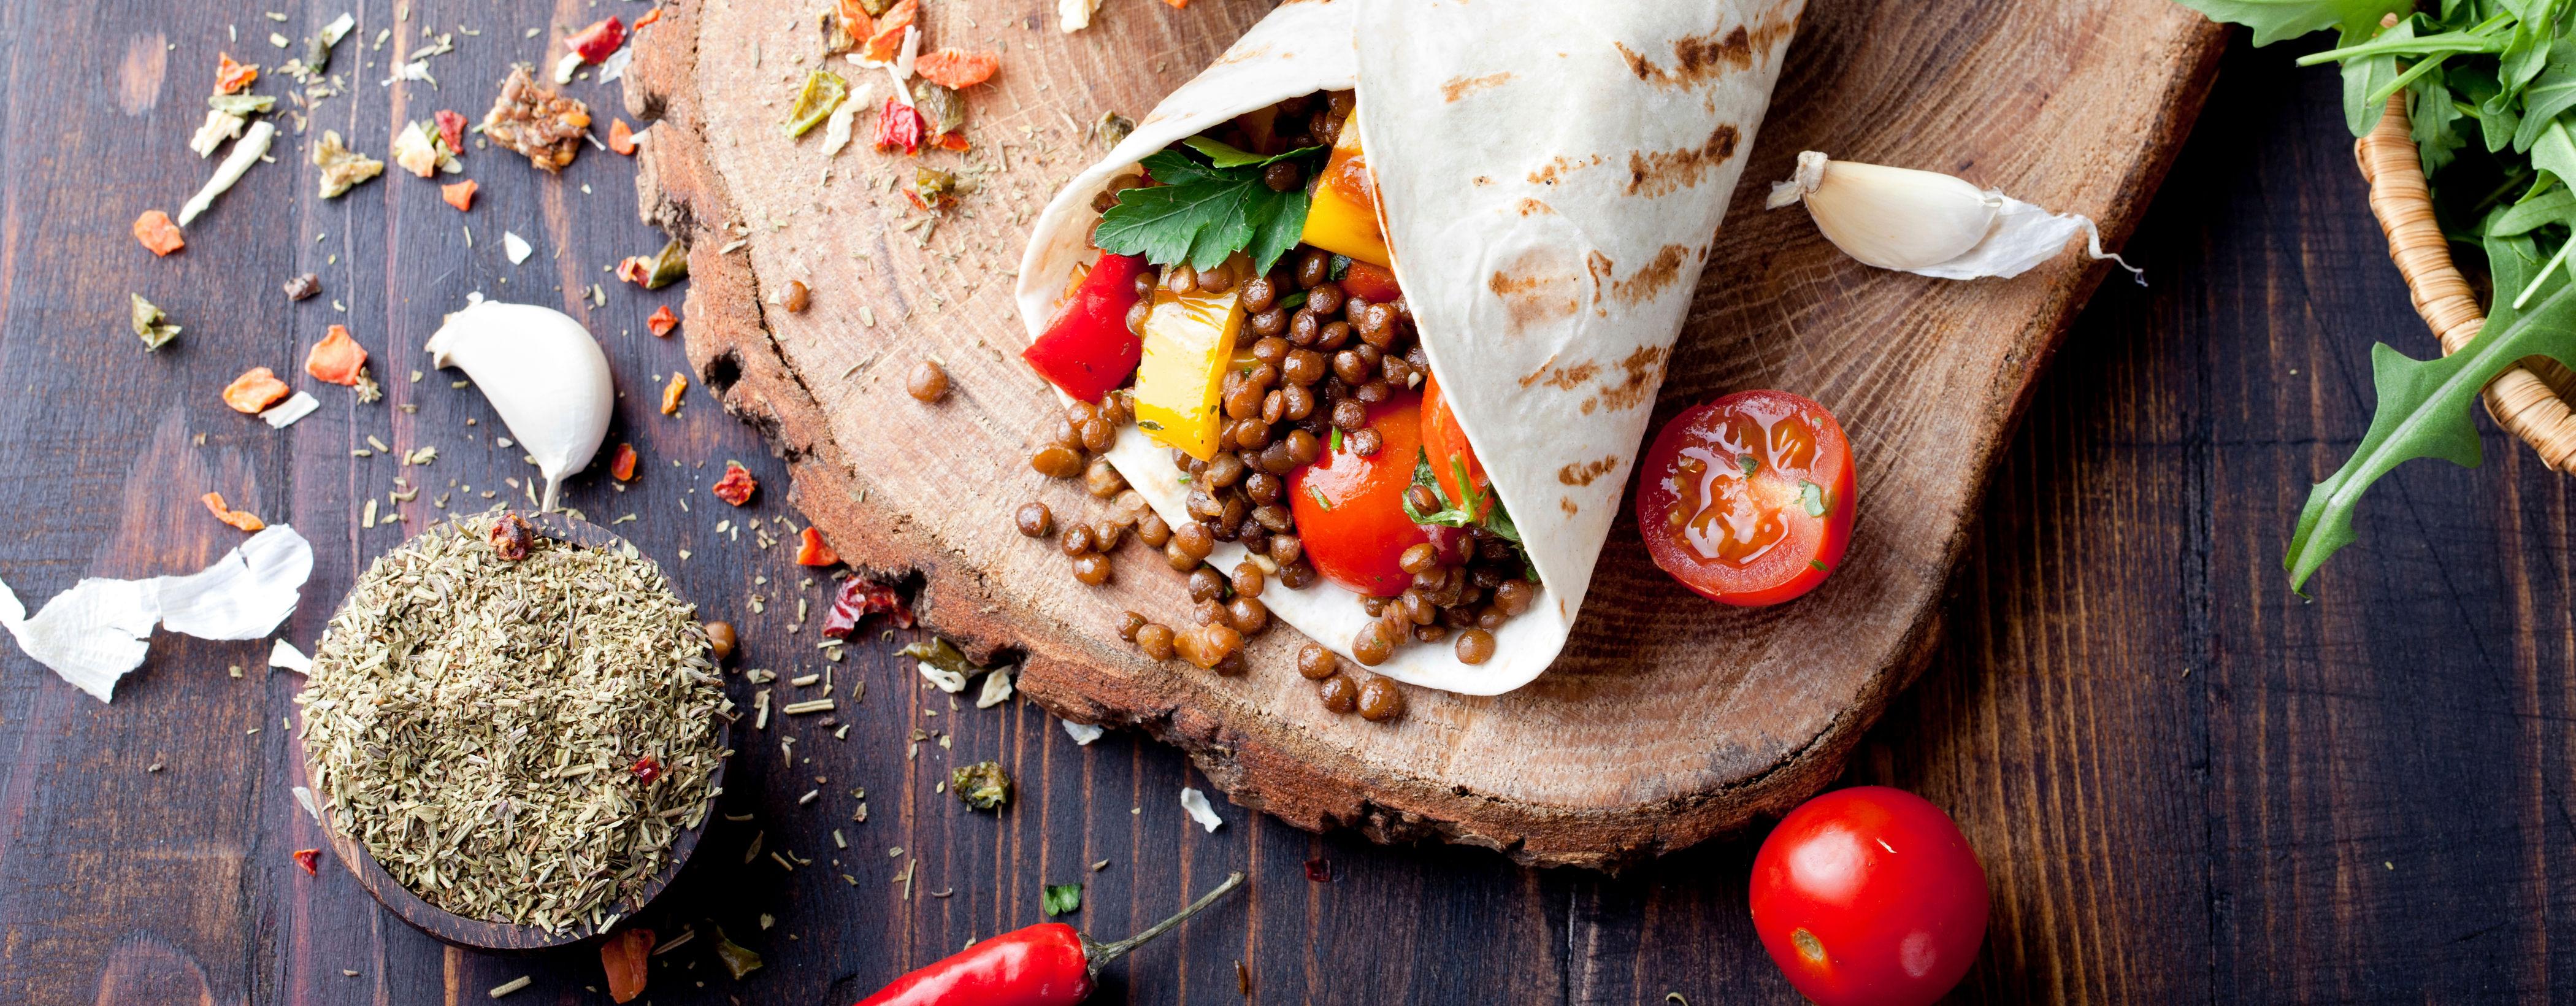 Taco er jo så godt! Og nå vet du at det også kan være sunnere enn sushi.